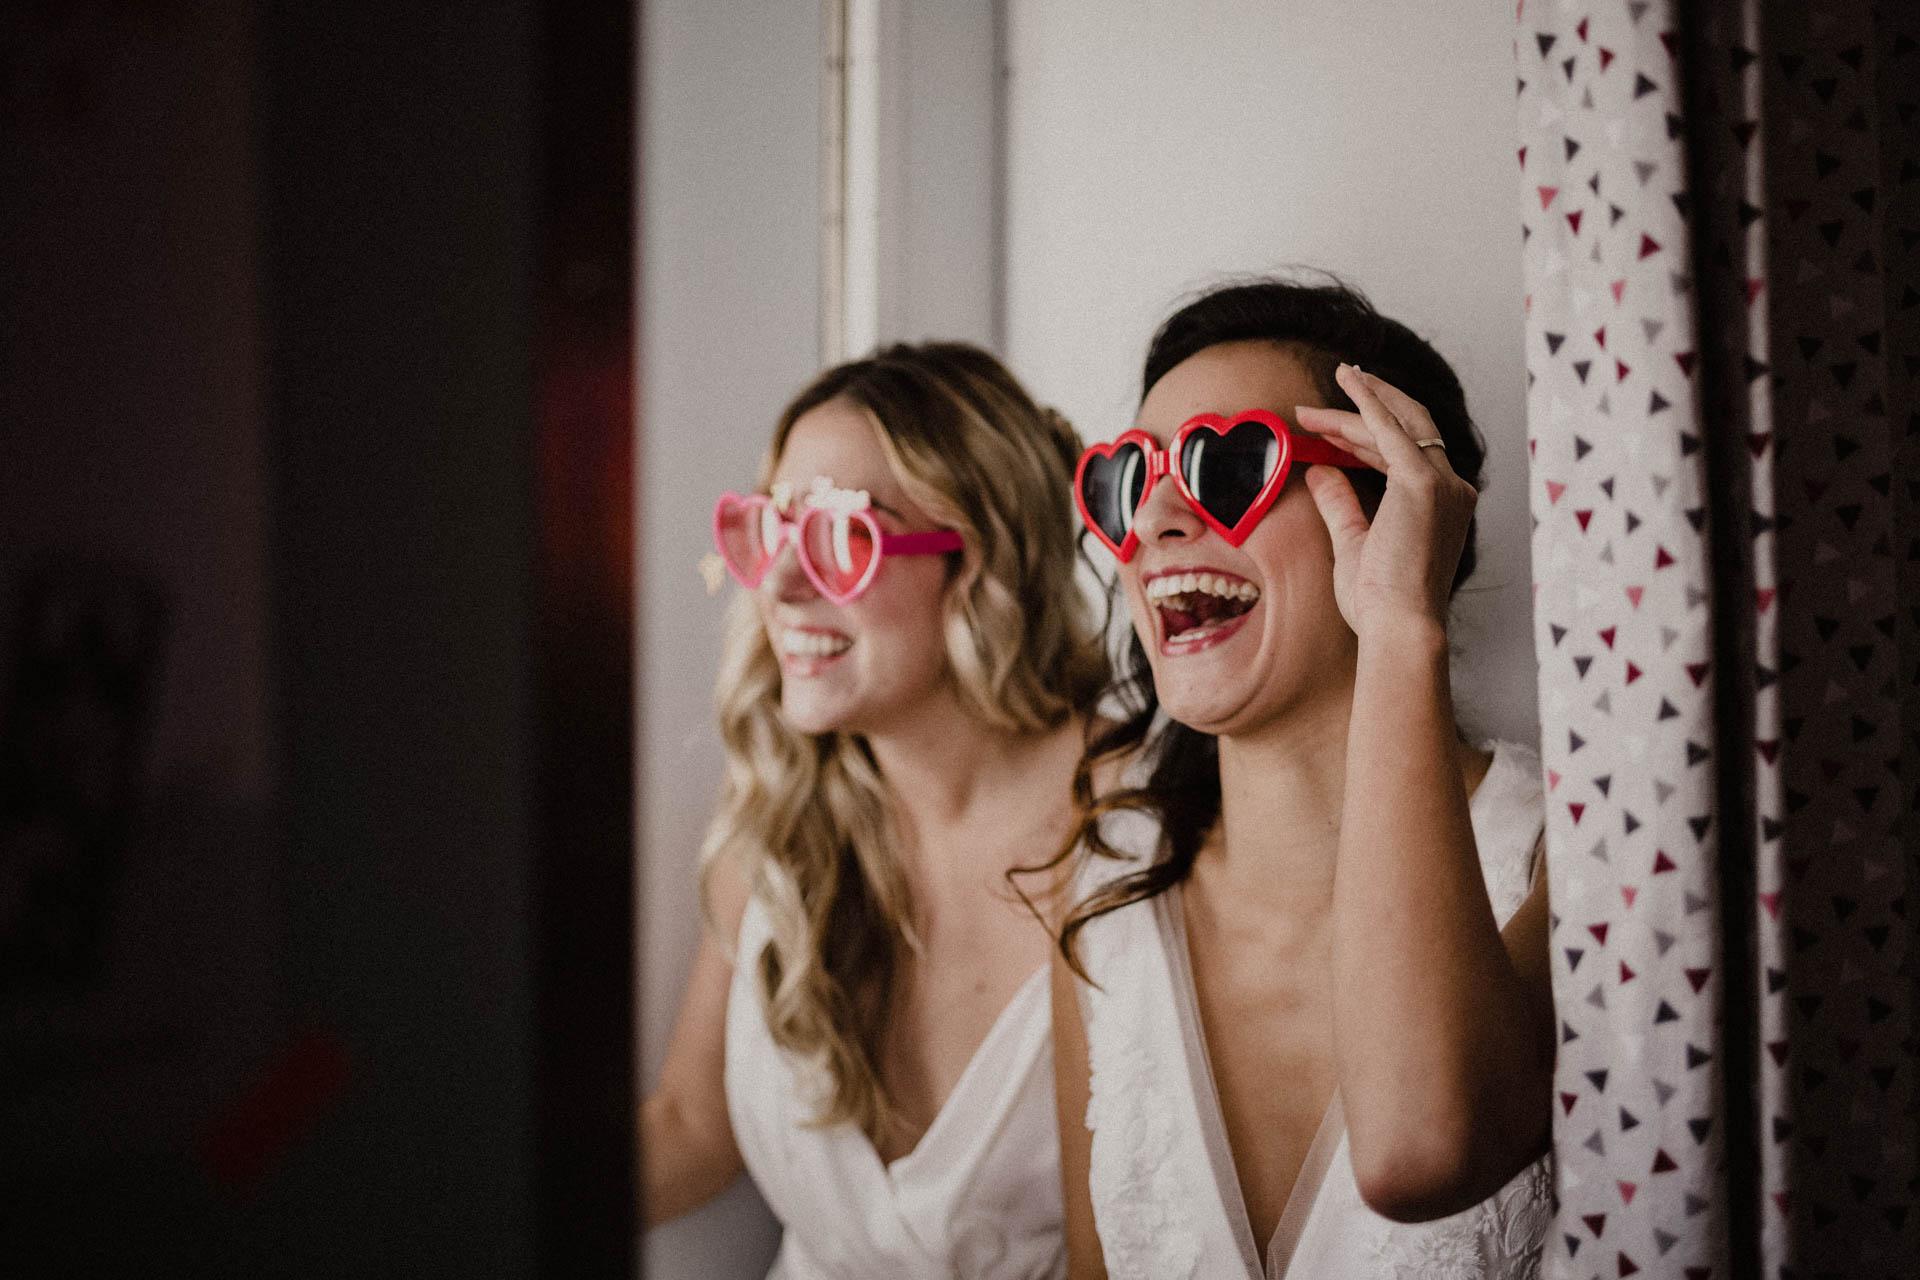 deux filles entrain de rigoler dans un photomaton festival crazy folk love